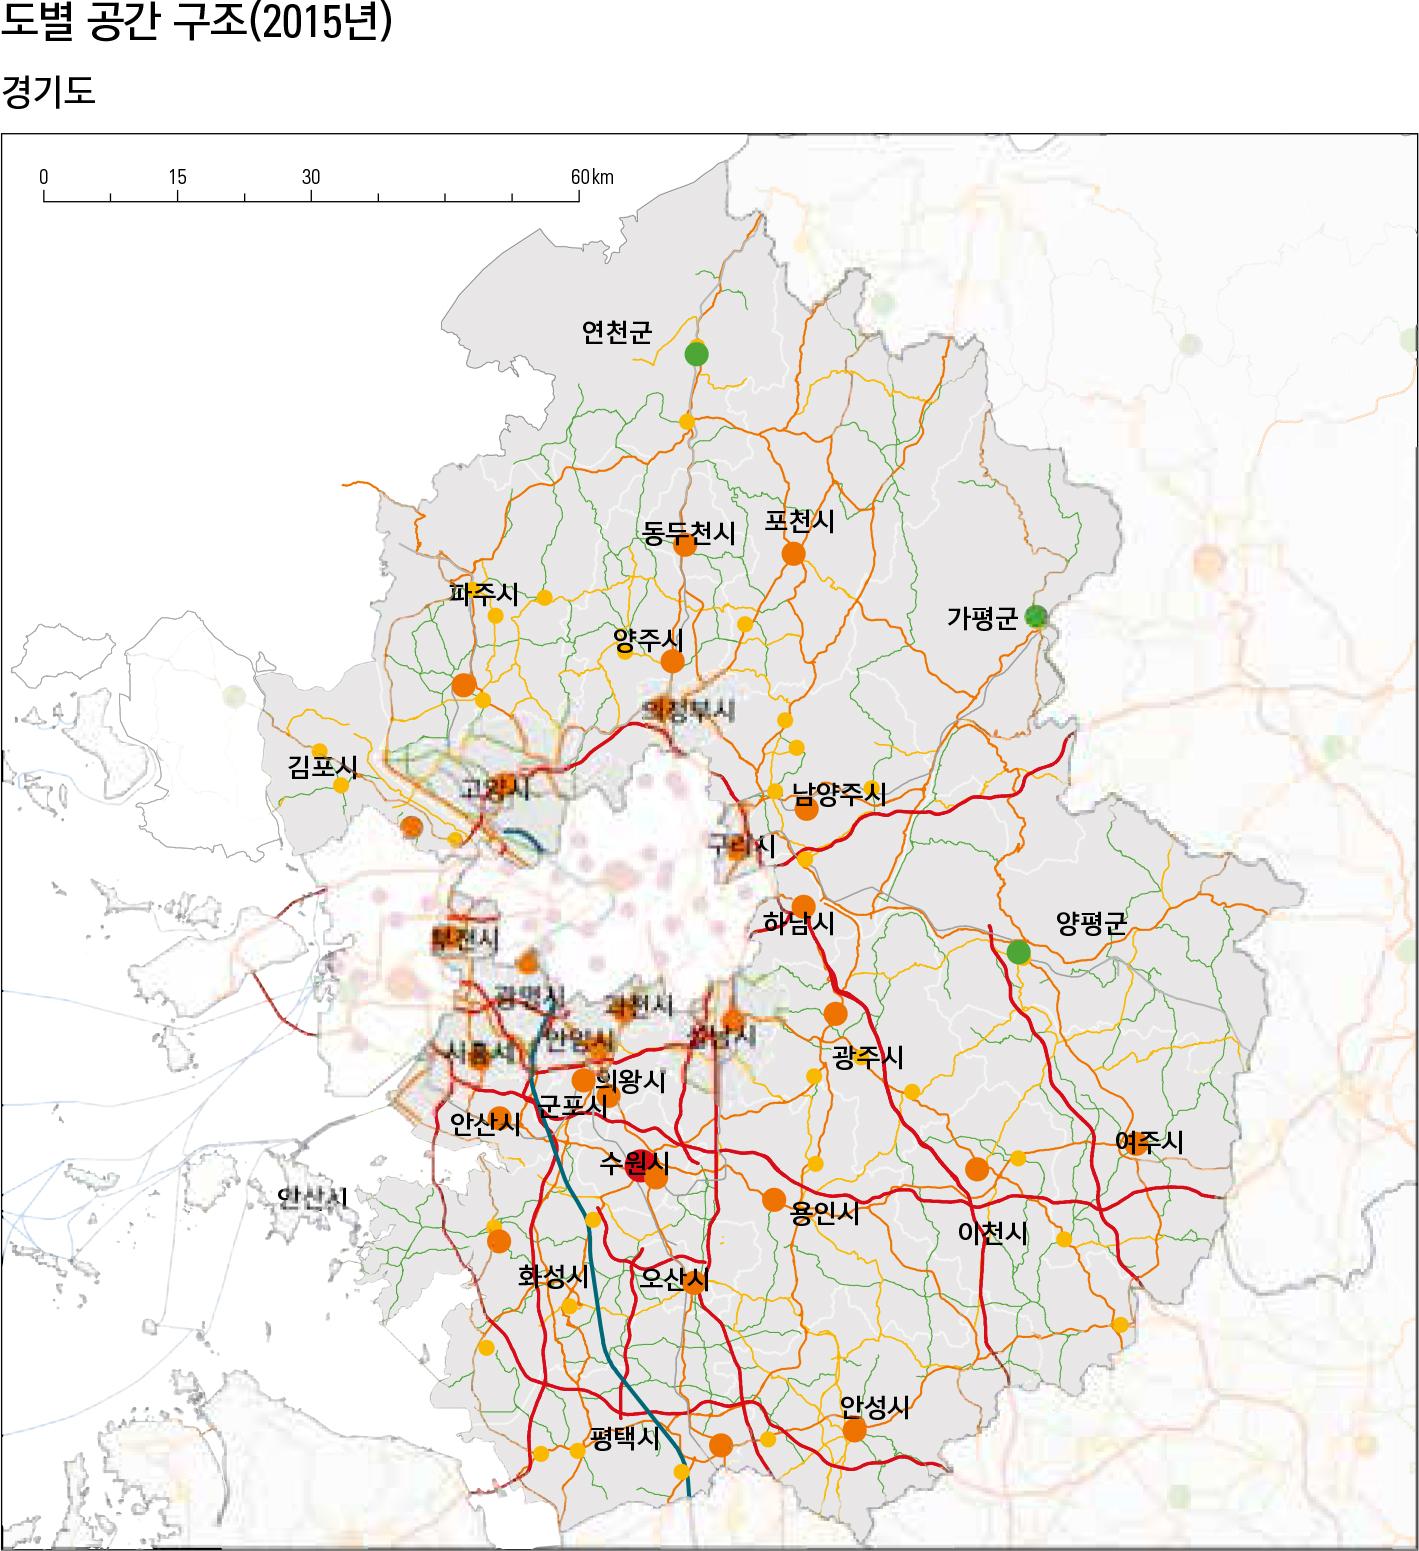 도별 공간 구조(2015년)경기도